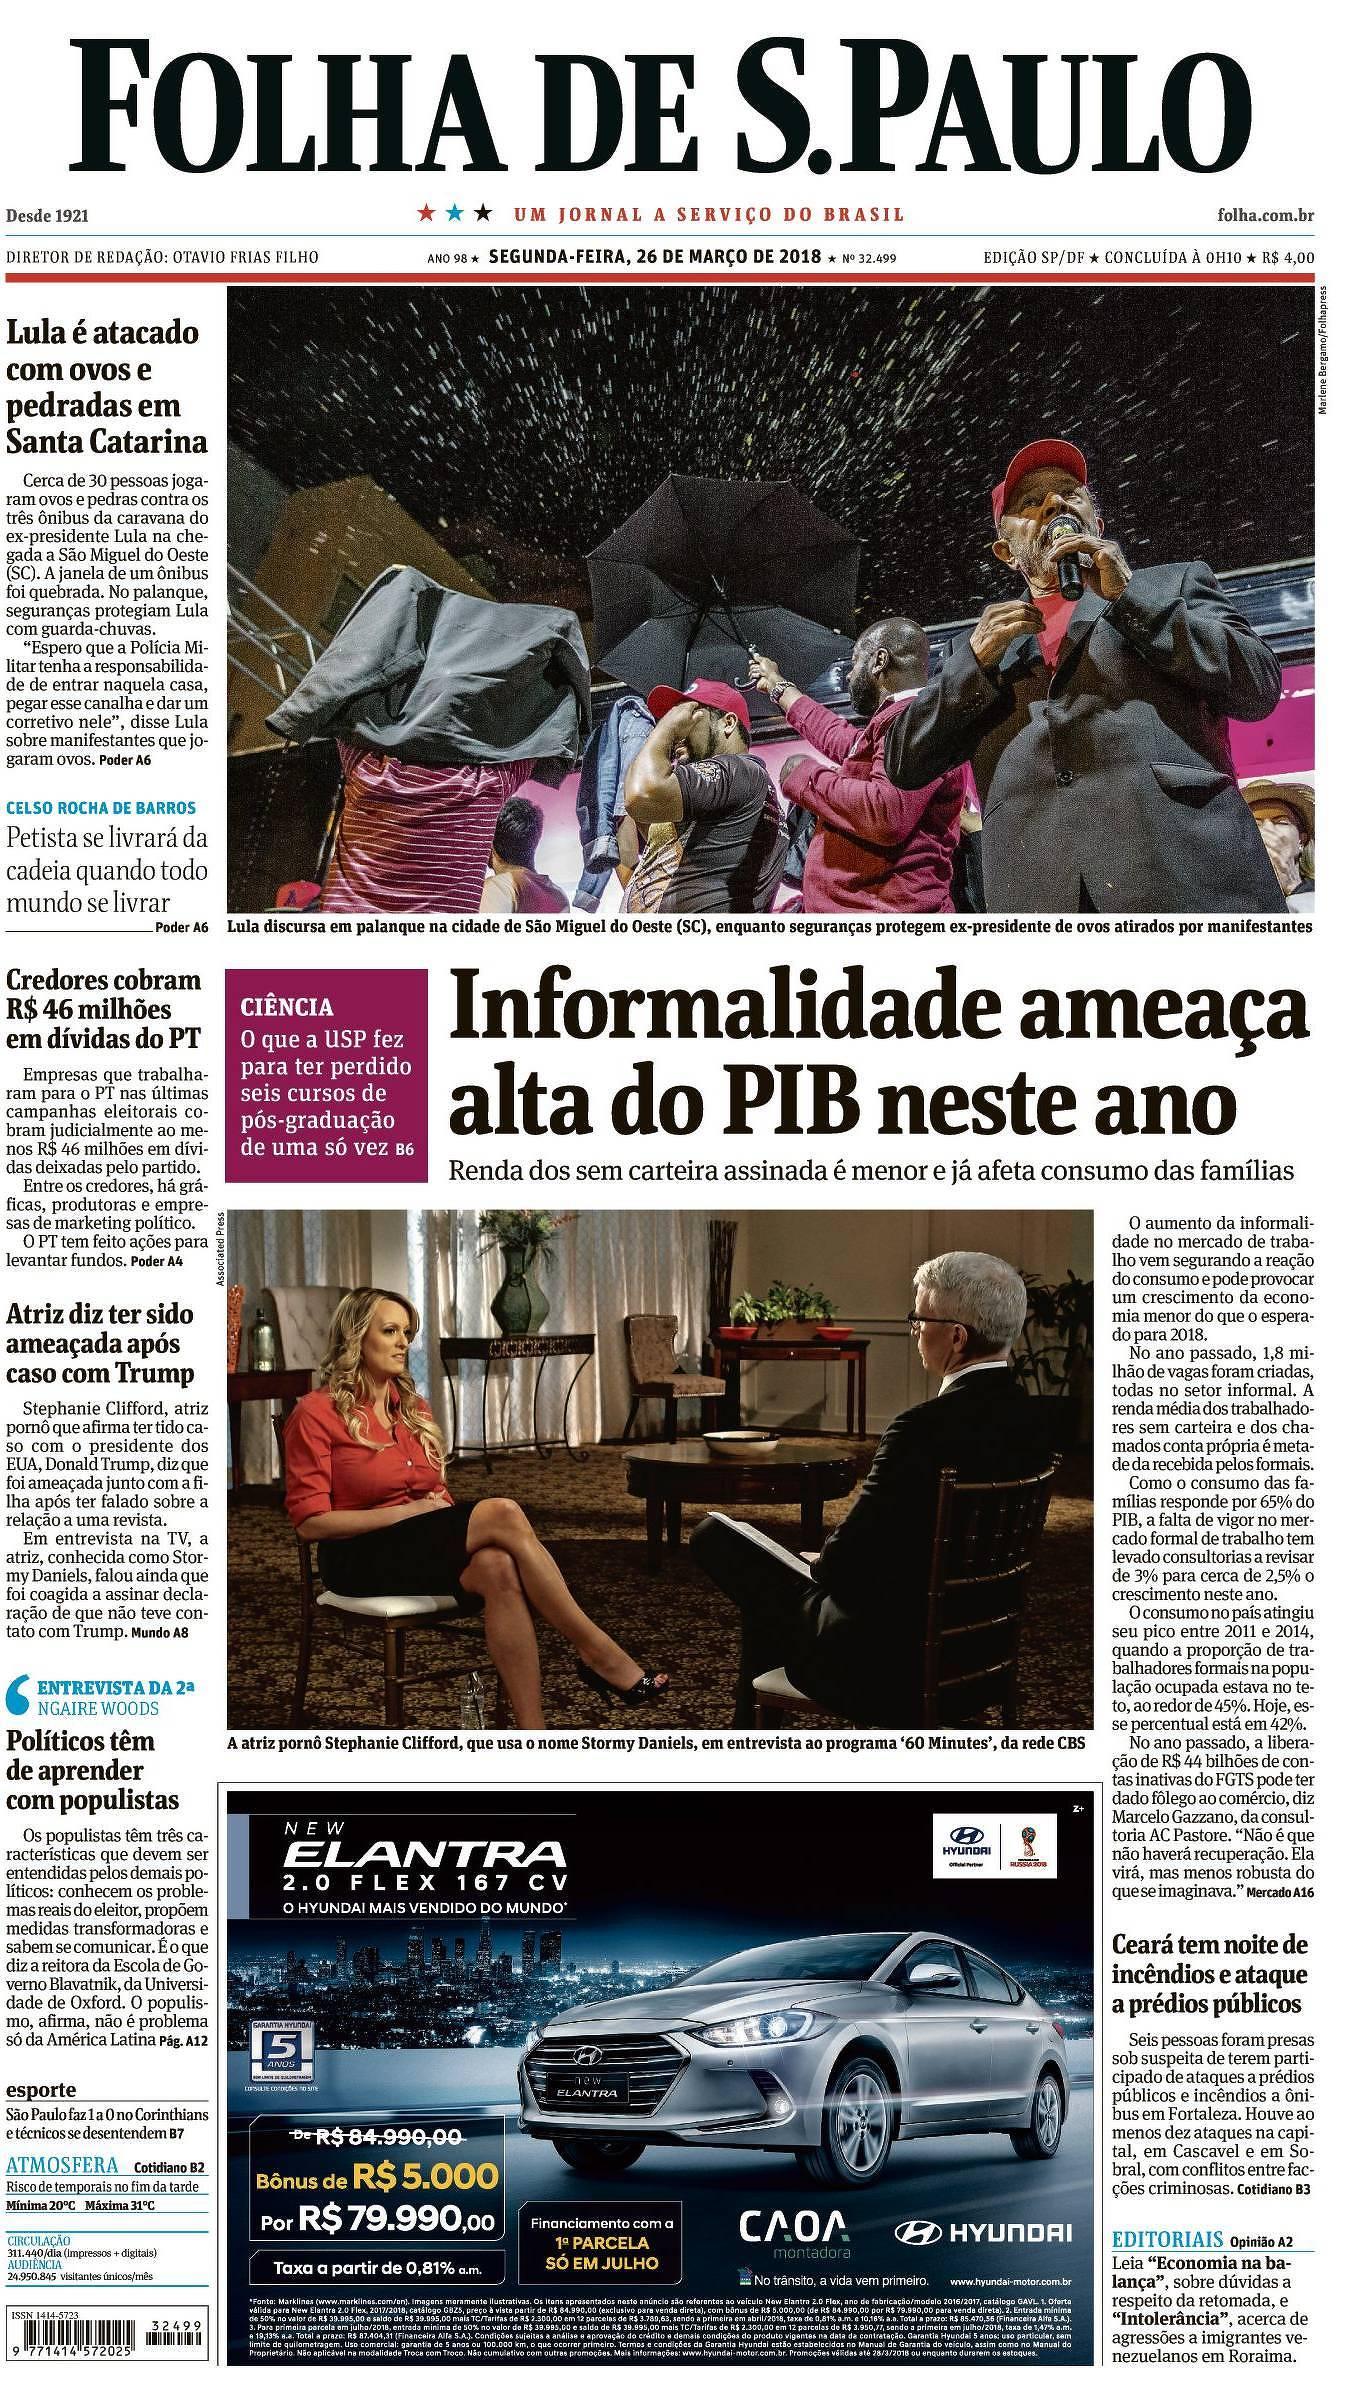 Top Atrizes Porno Brasileiras Da Atualidade